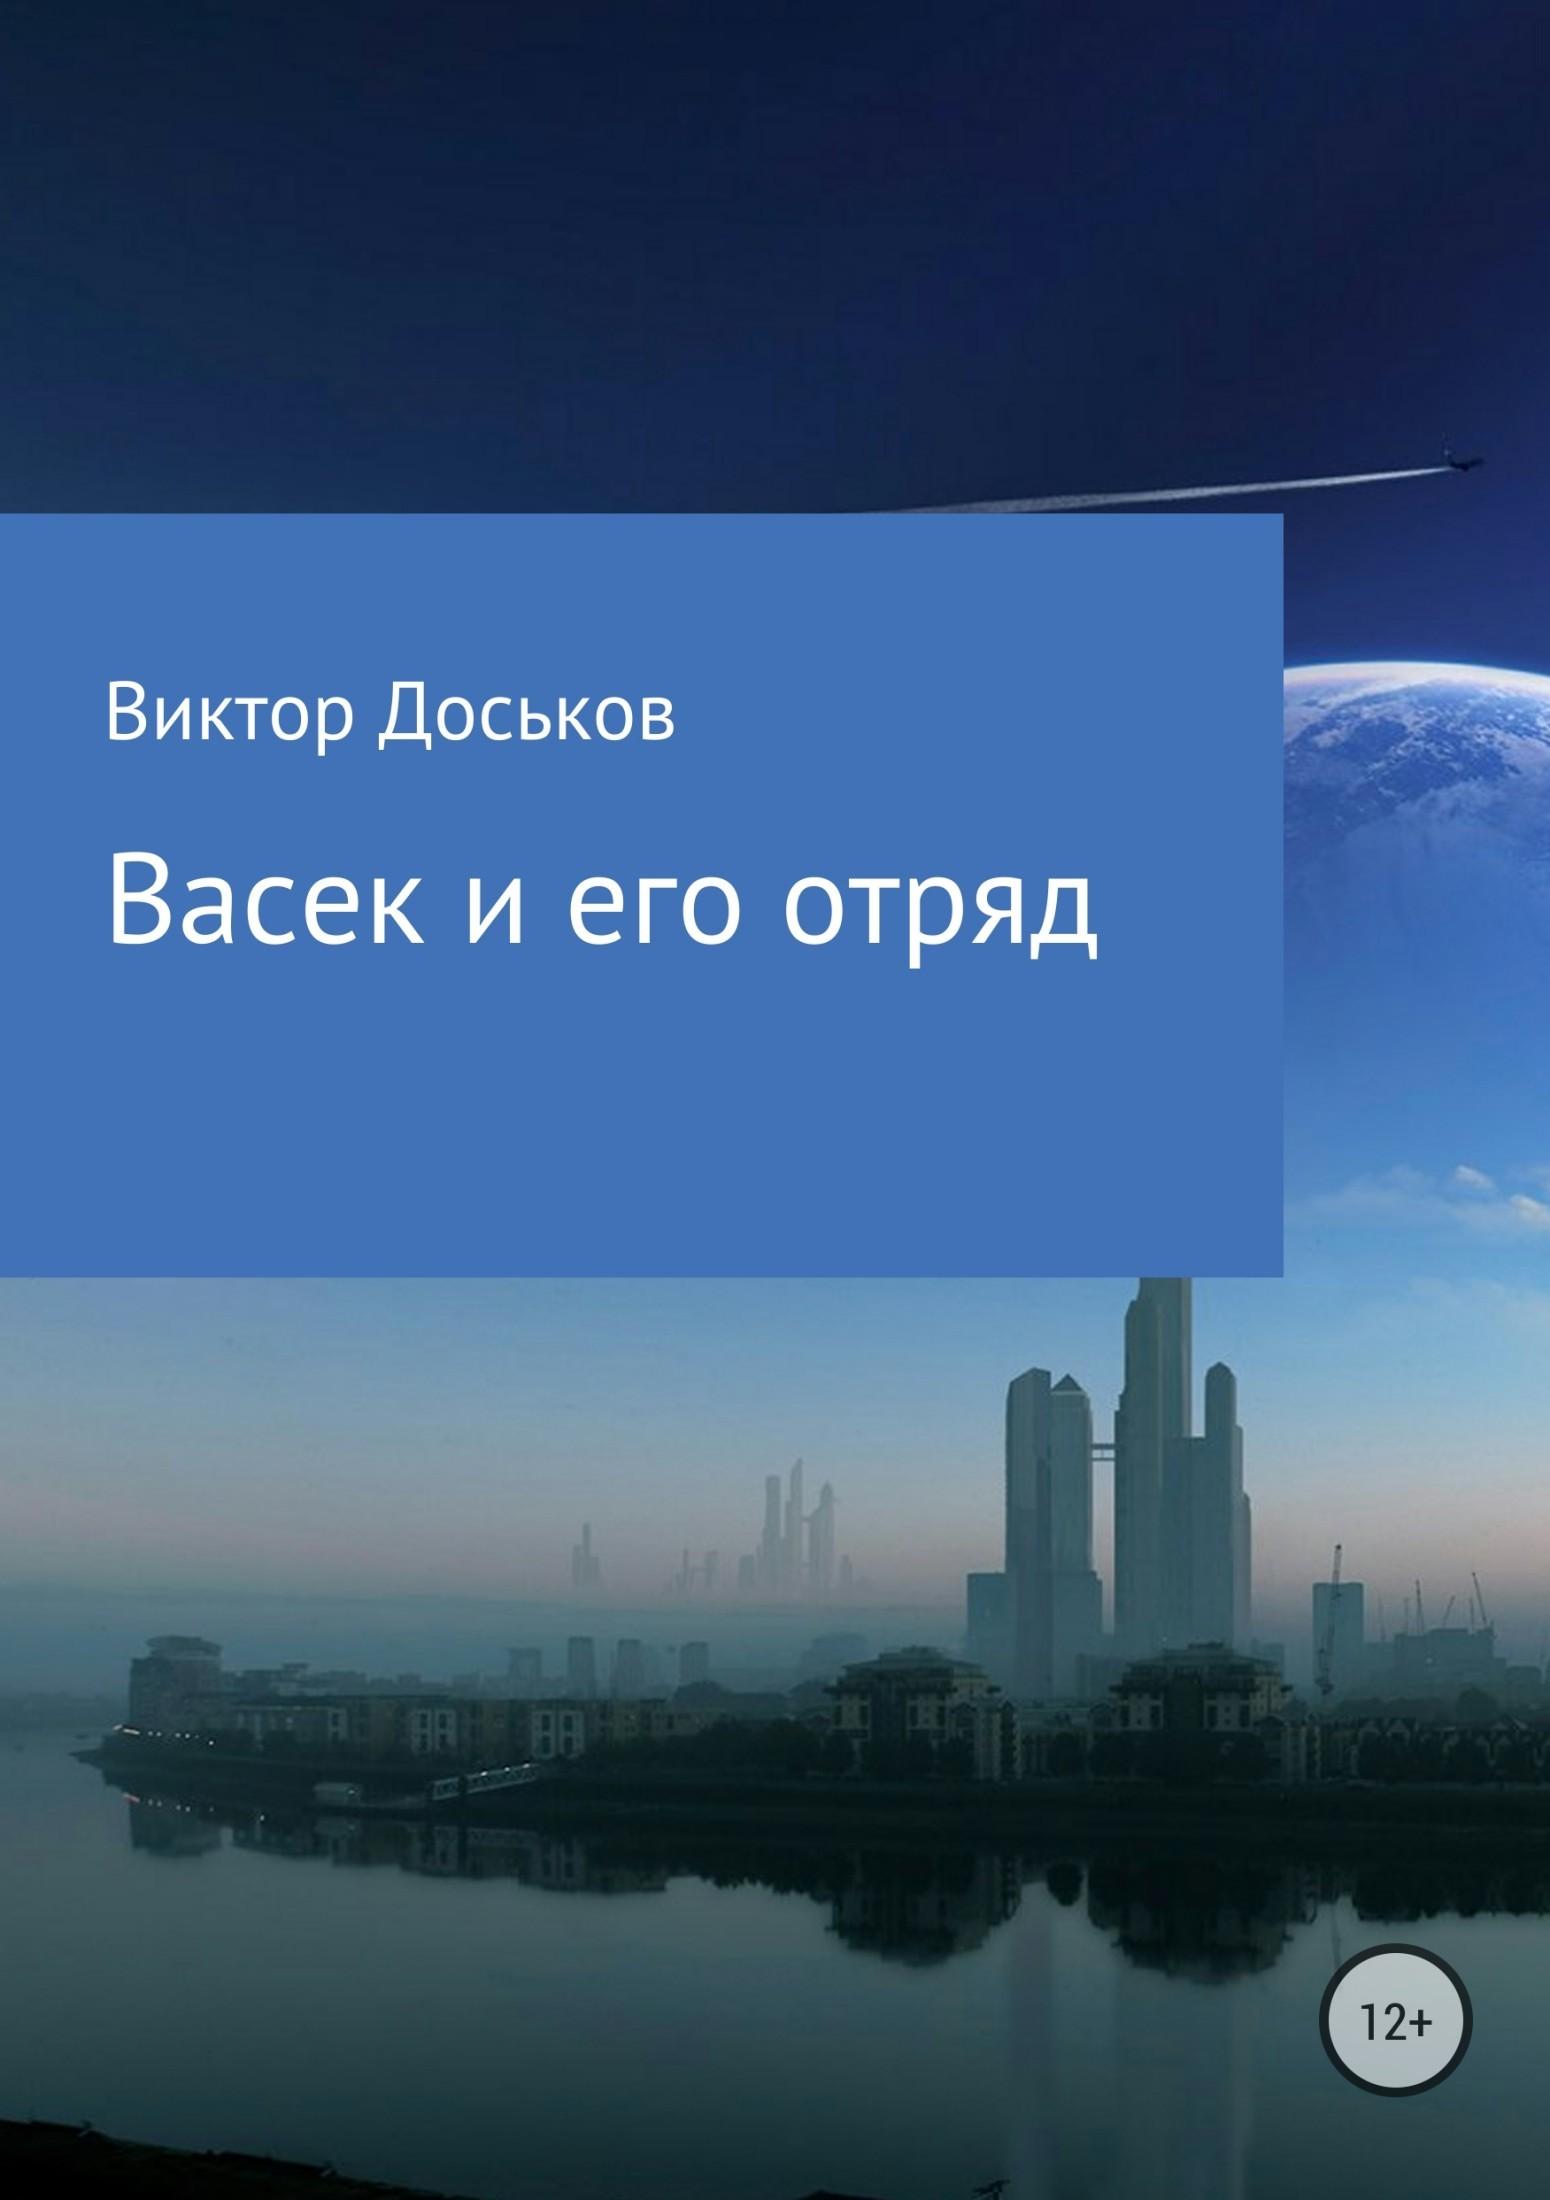 Виктор Николаевич Доськов. Васек и его отряд